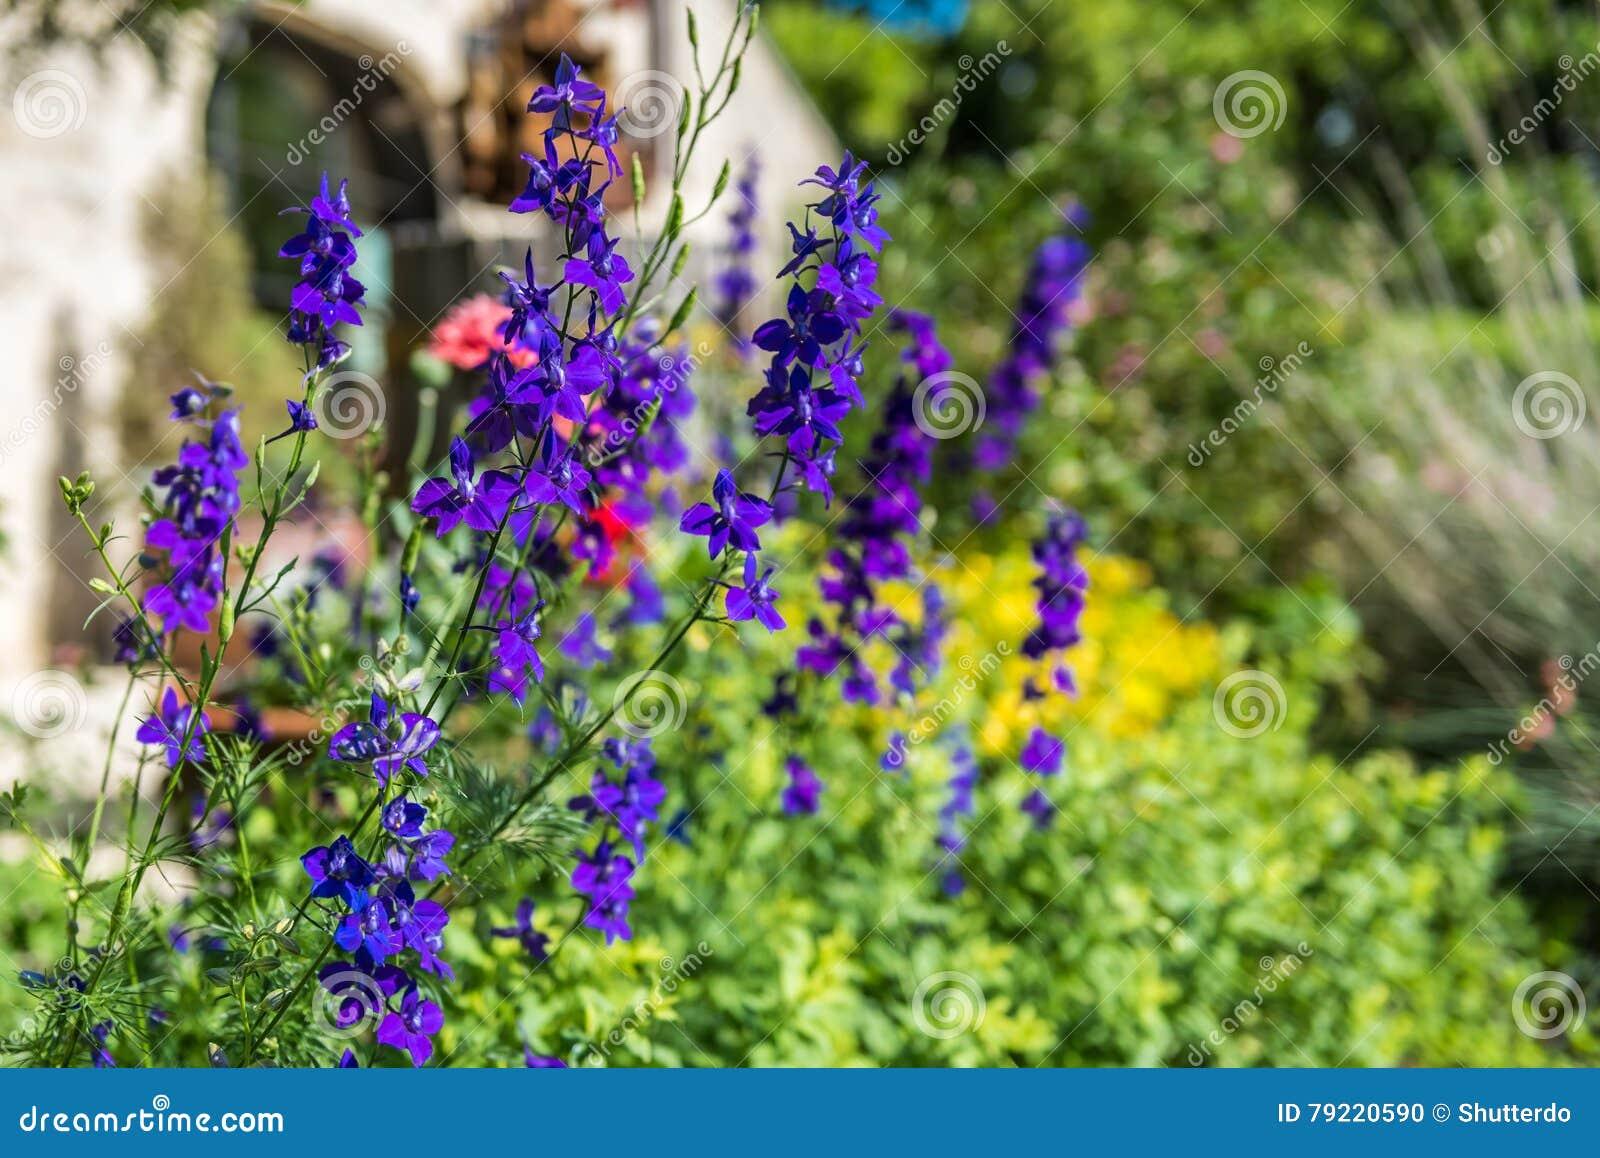 Purple wildflowers in Garden